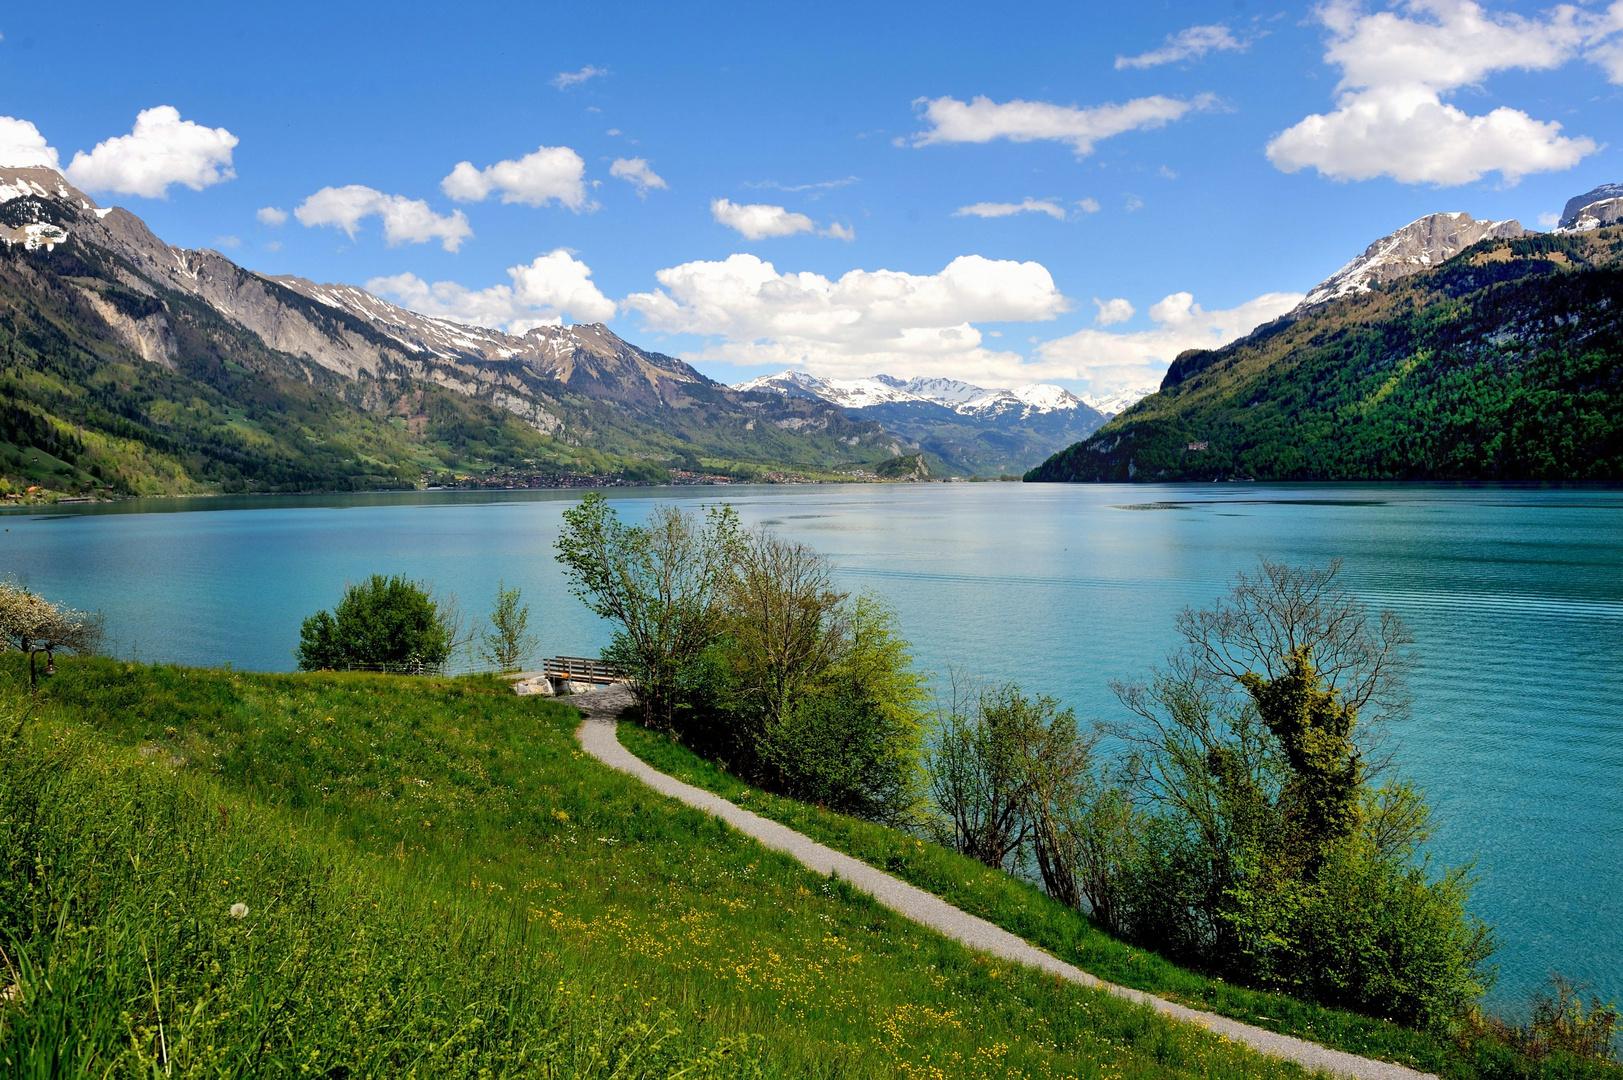 Le lac de brienz photo et image paysages lacs rivi res - Lac de brienz ...